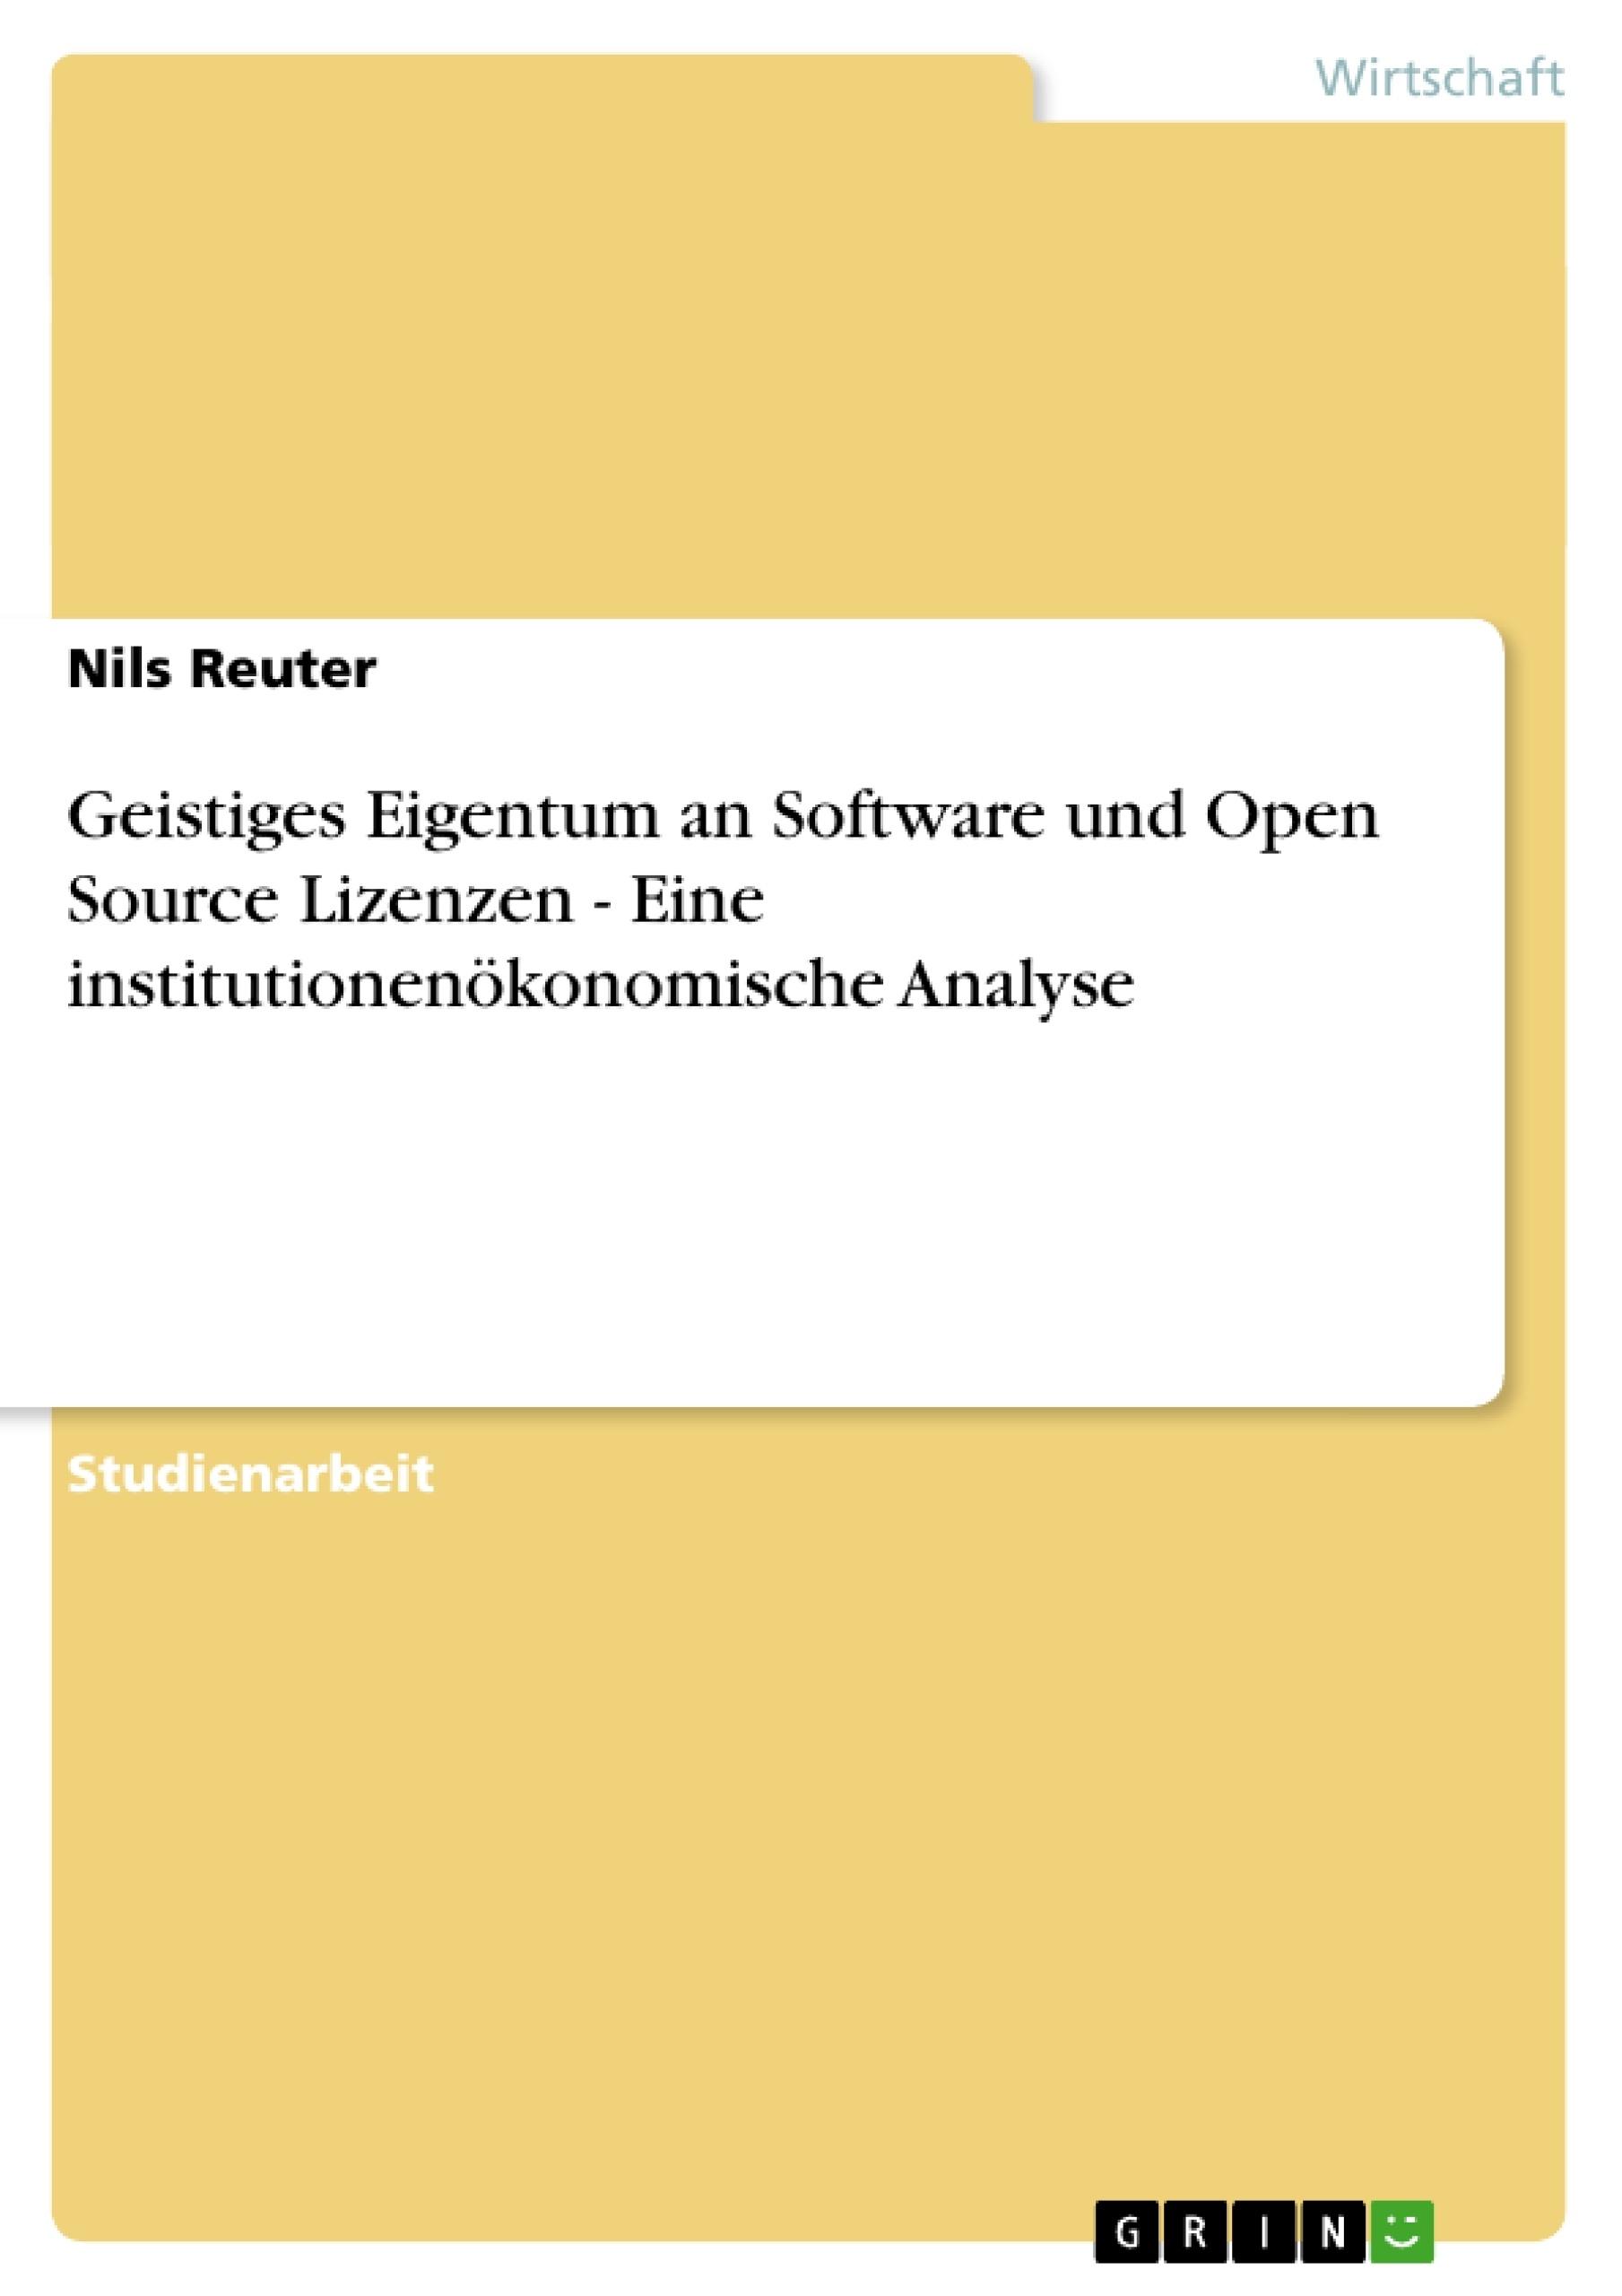 Titel: Geistiges Eigentum an Software und Open Source Lizenzen - Eine institutionenökonomische Analyse